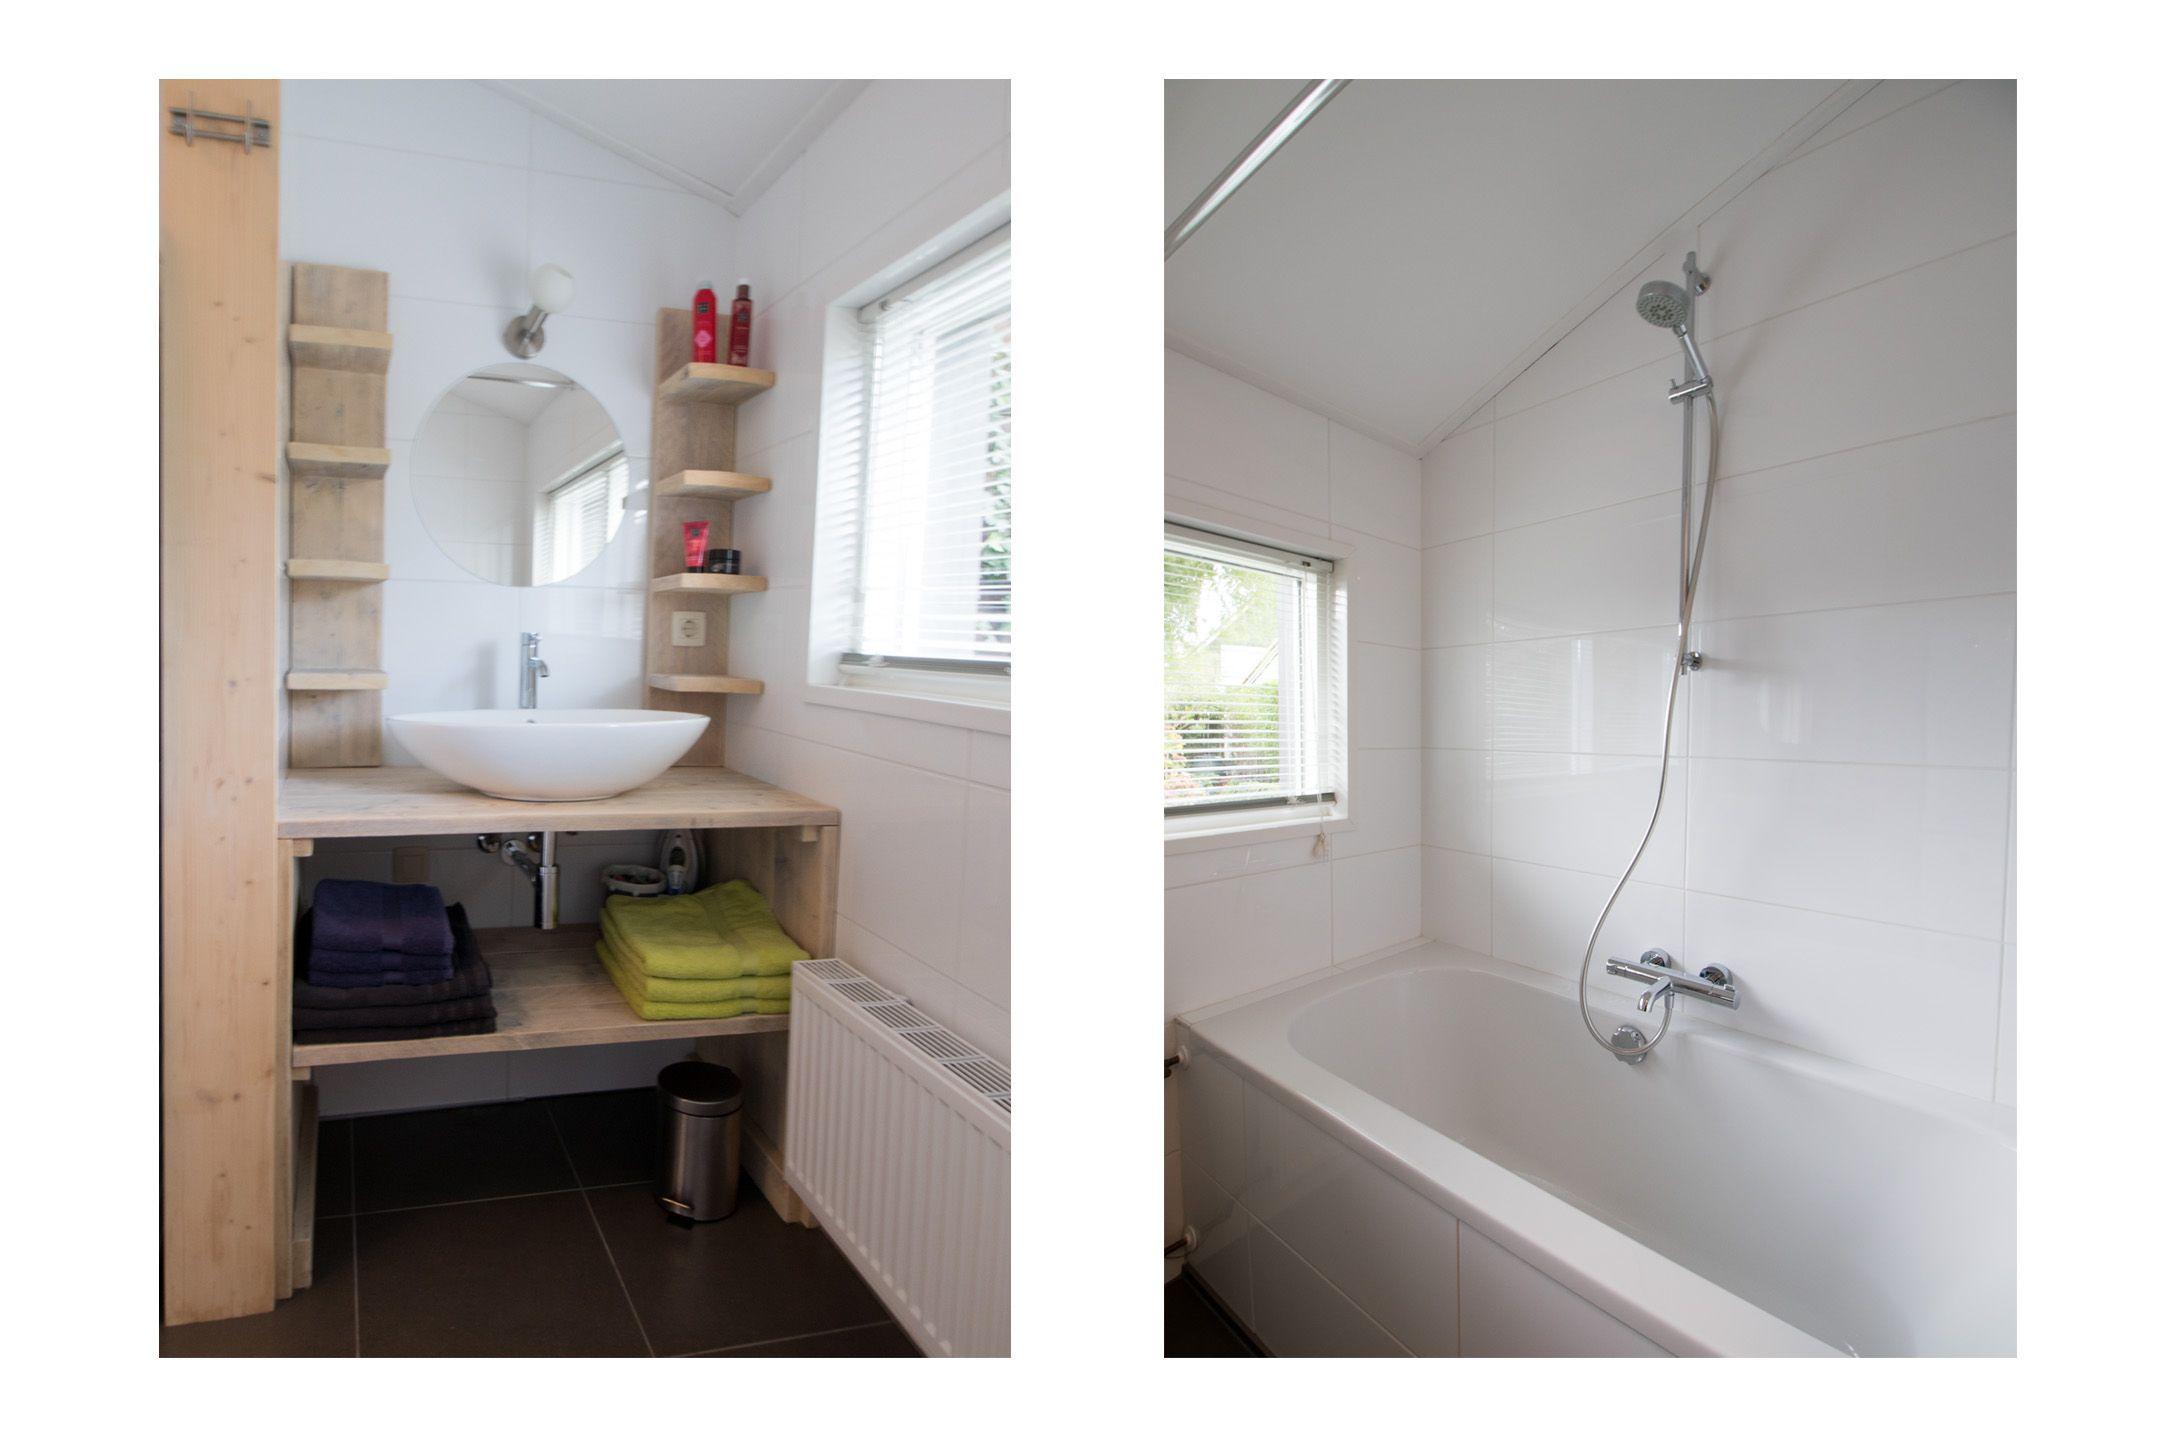 Wasmachine In Badkamer : Badkamer knieschot lade slaapkamer inbouwkasten zolder idee voor